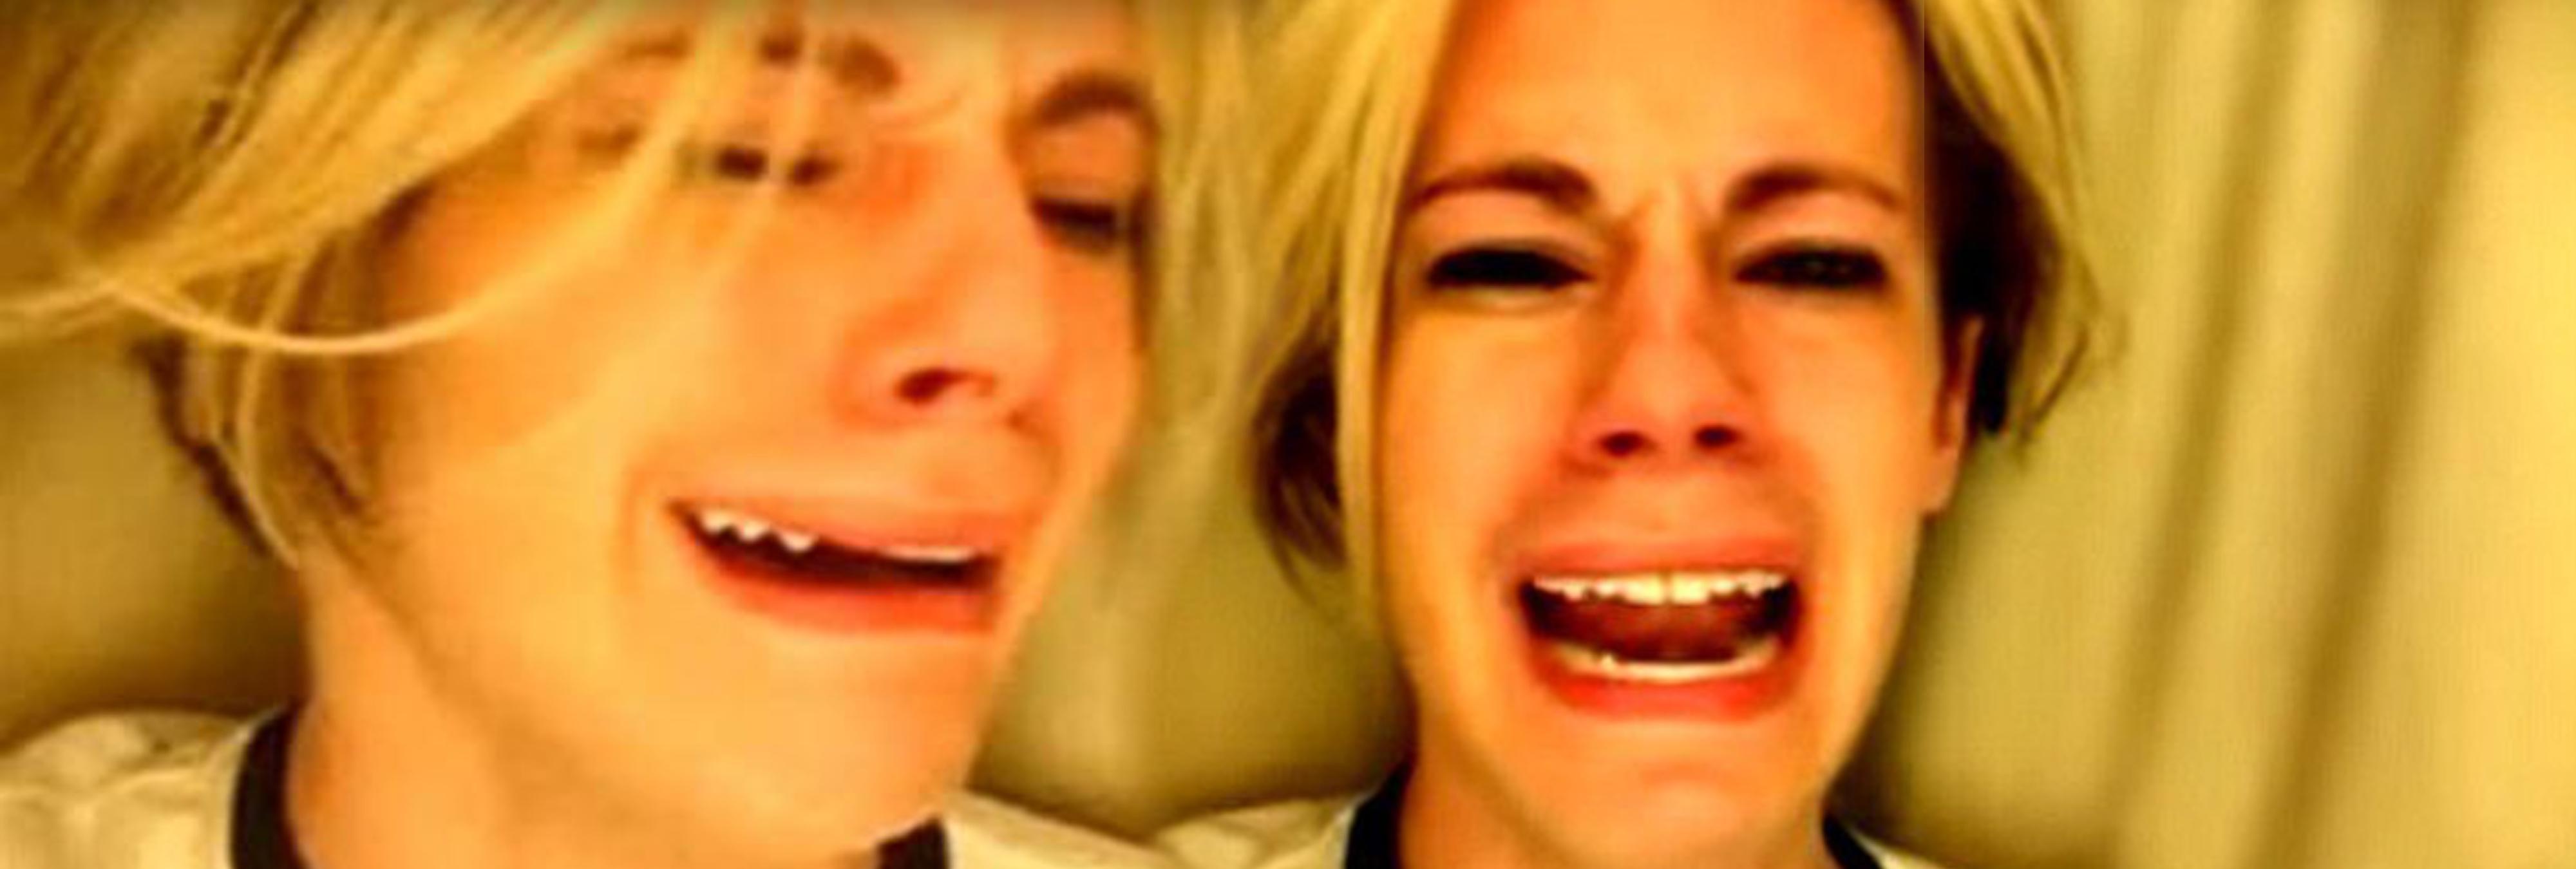 Tras una década, el chico que clamó 'Leave Britney Alone' se explica en un emotivo mensaje